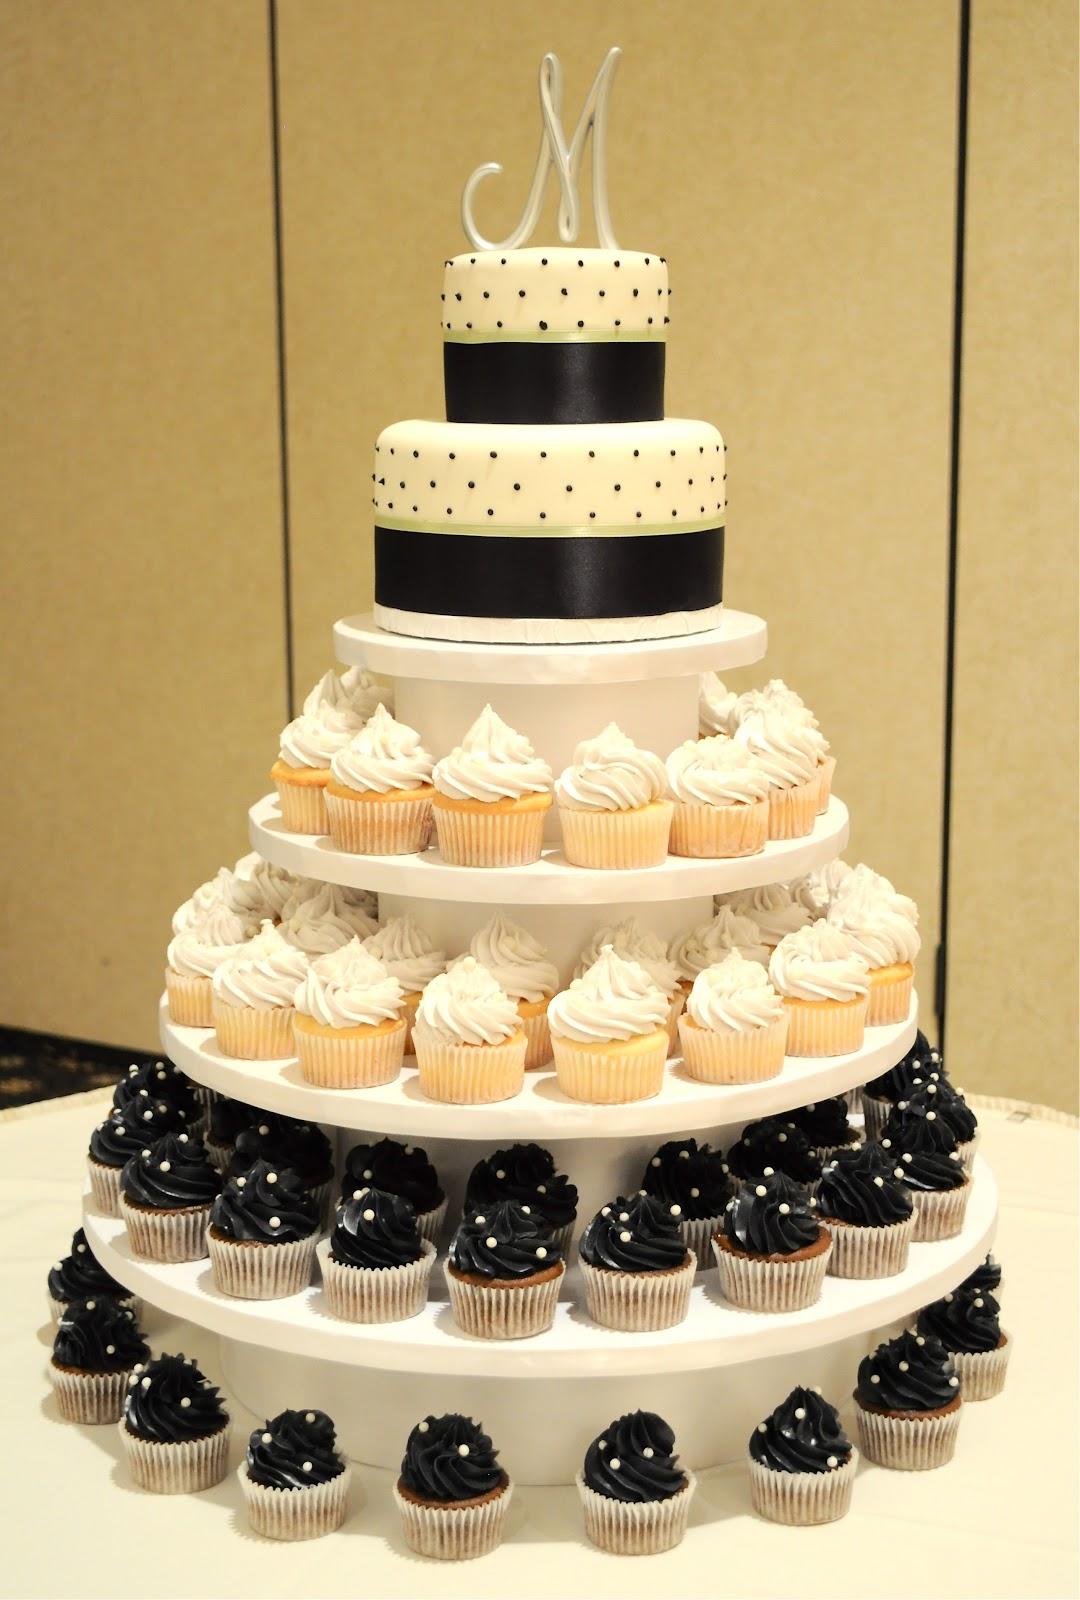 12 Cake With Cupcakes Around It Photo Wedding Cakes With Cupcakes